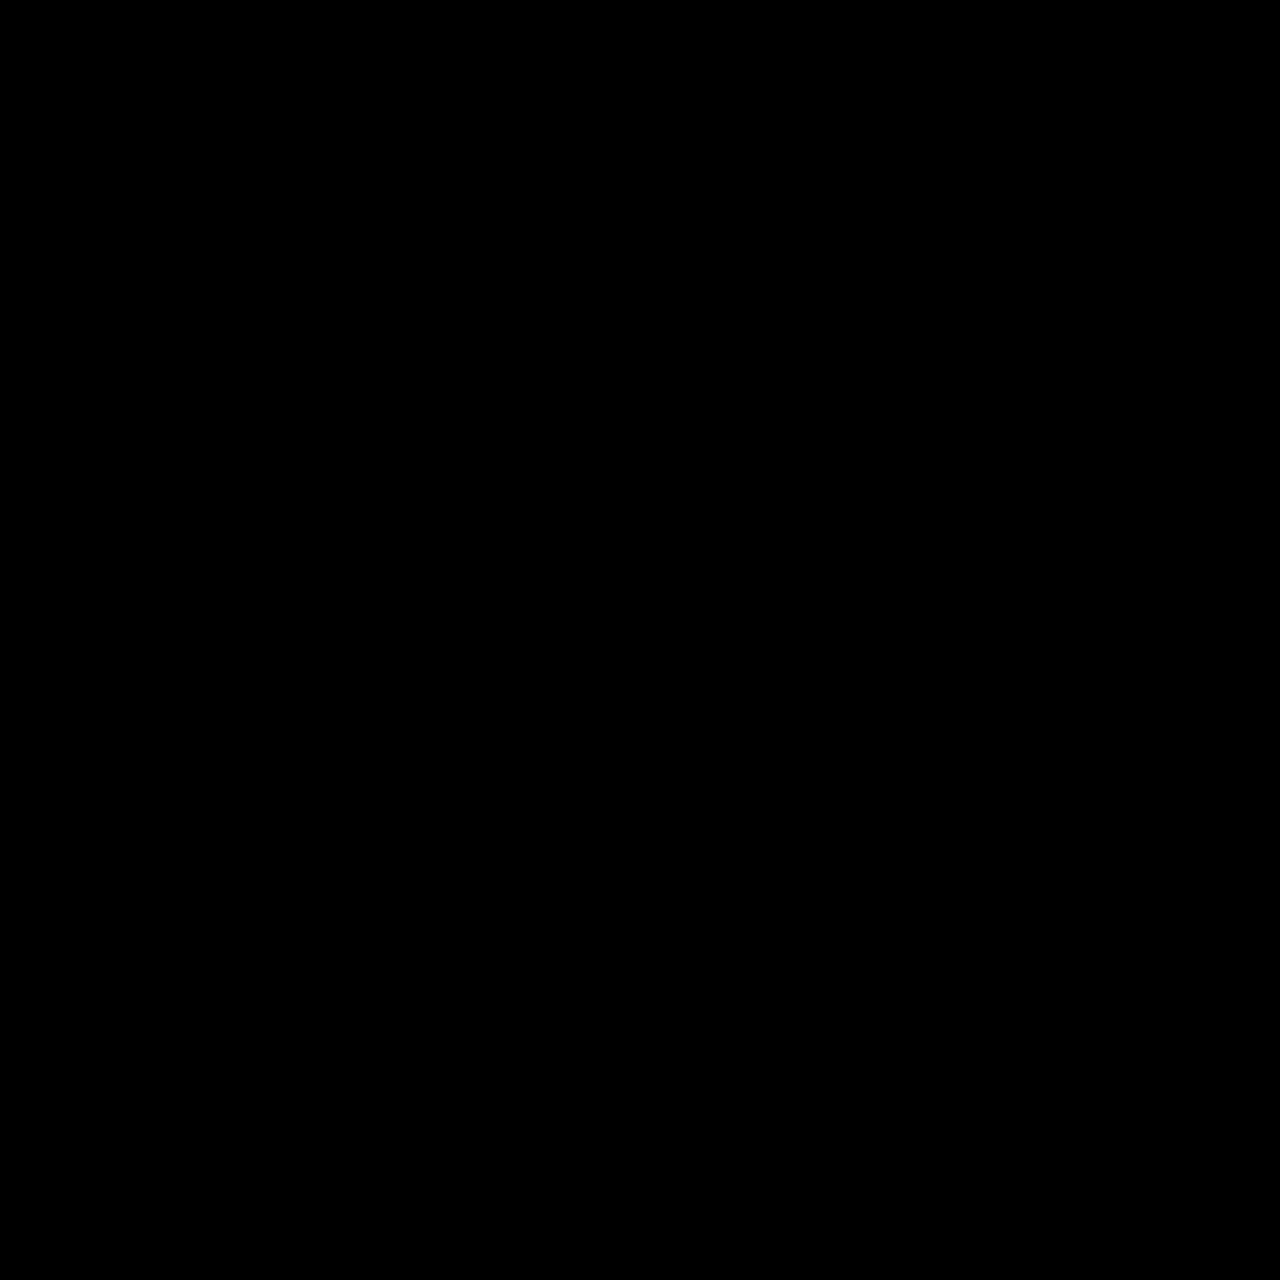 Frame ảnh đen trắng đơn giản